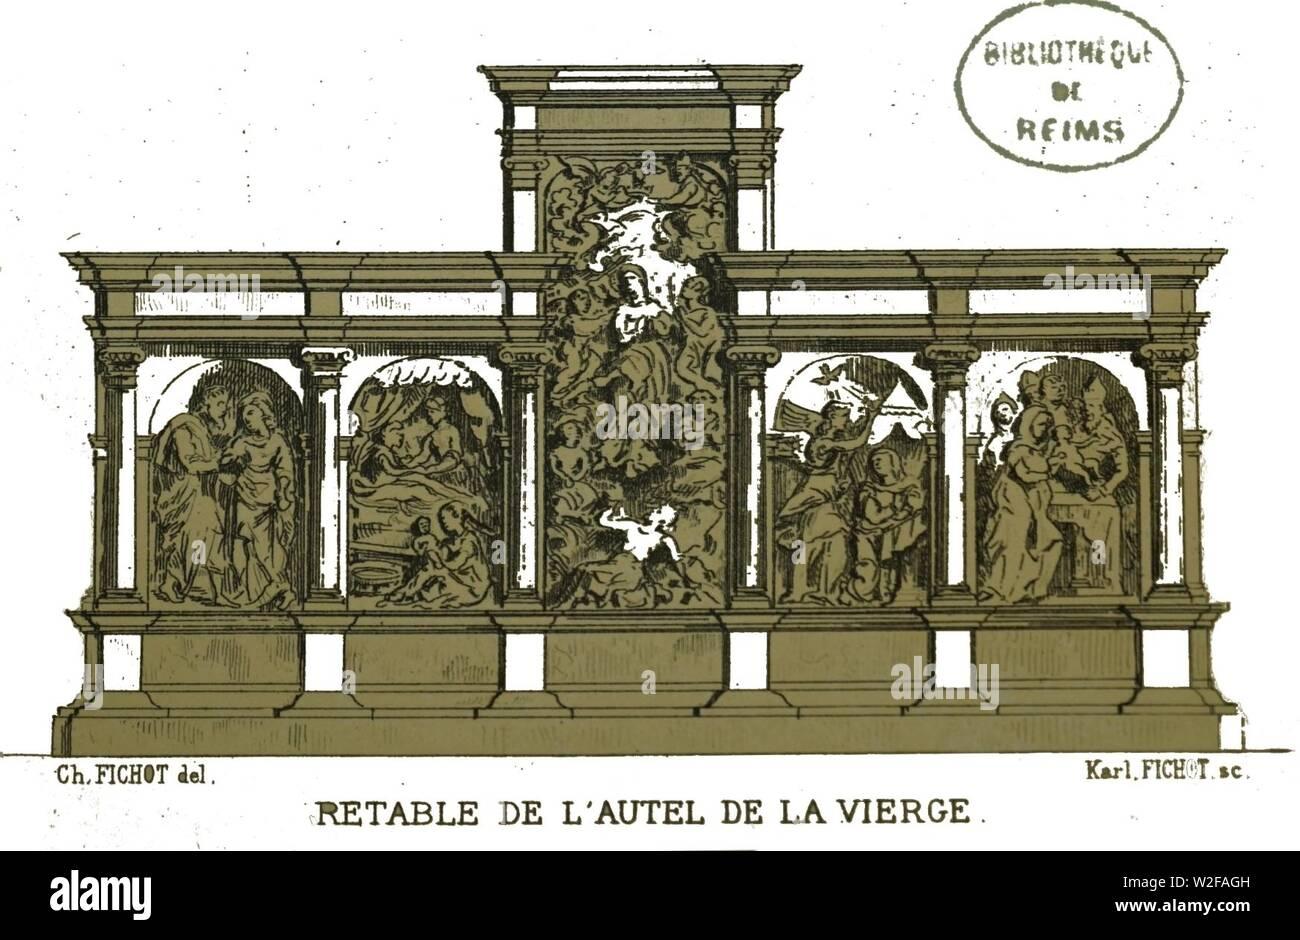 Chapelle saint luc Retable Fichot 00678. Stock Photo